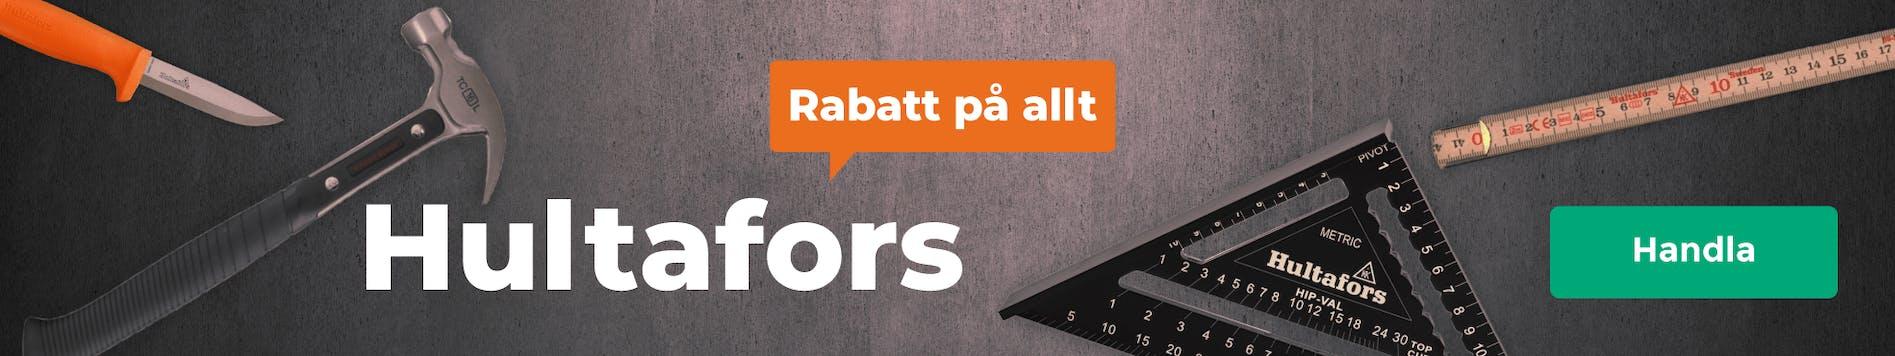 https://www.verktygsproffsen.se/hultafors-kampanj